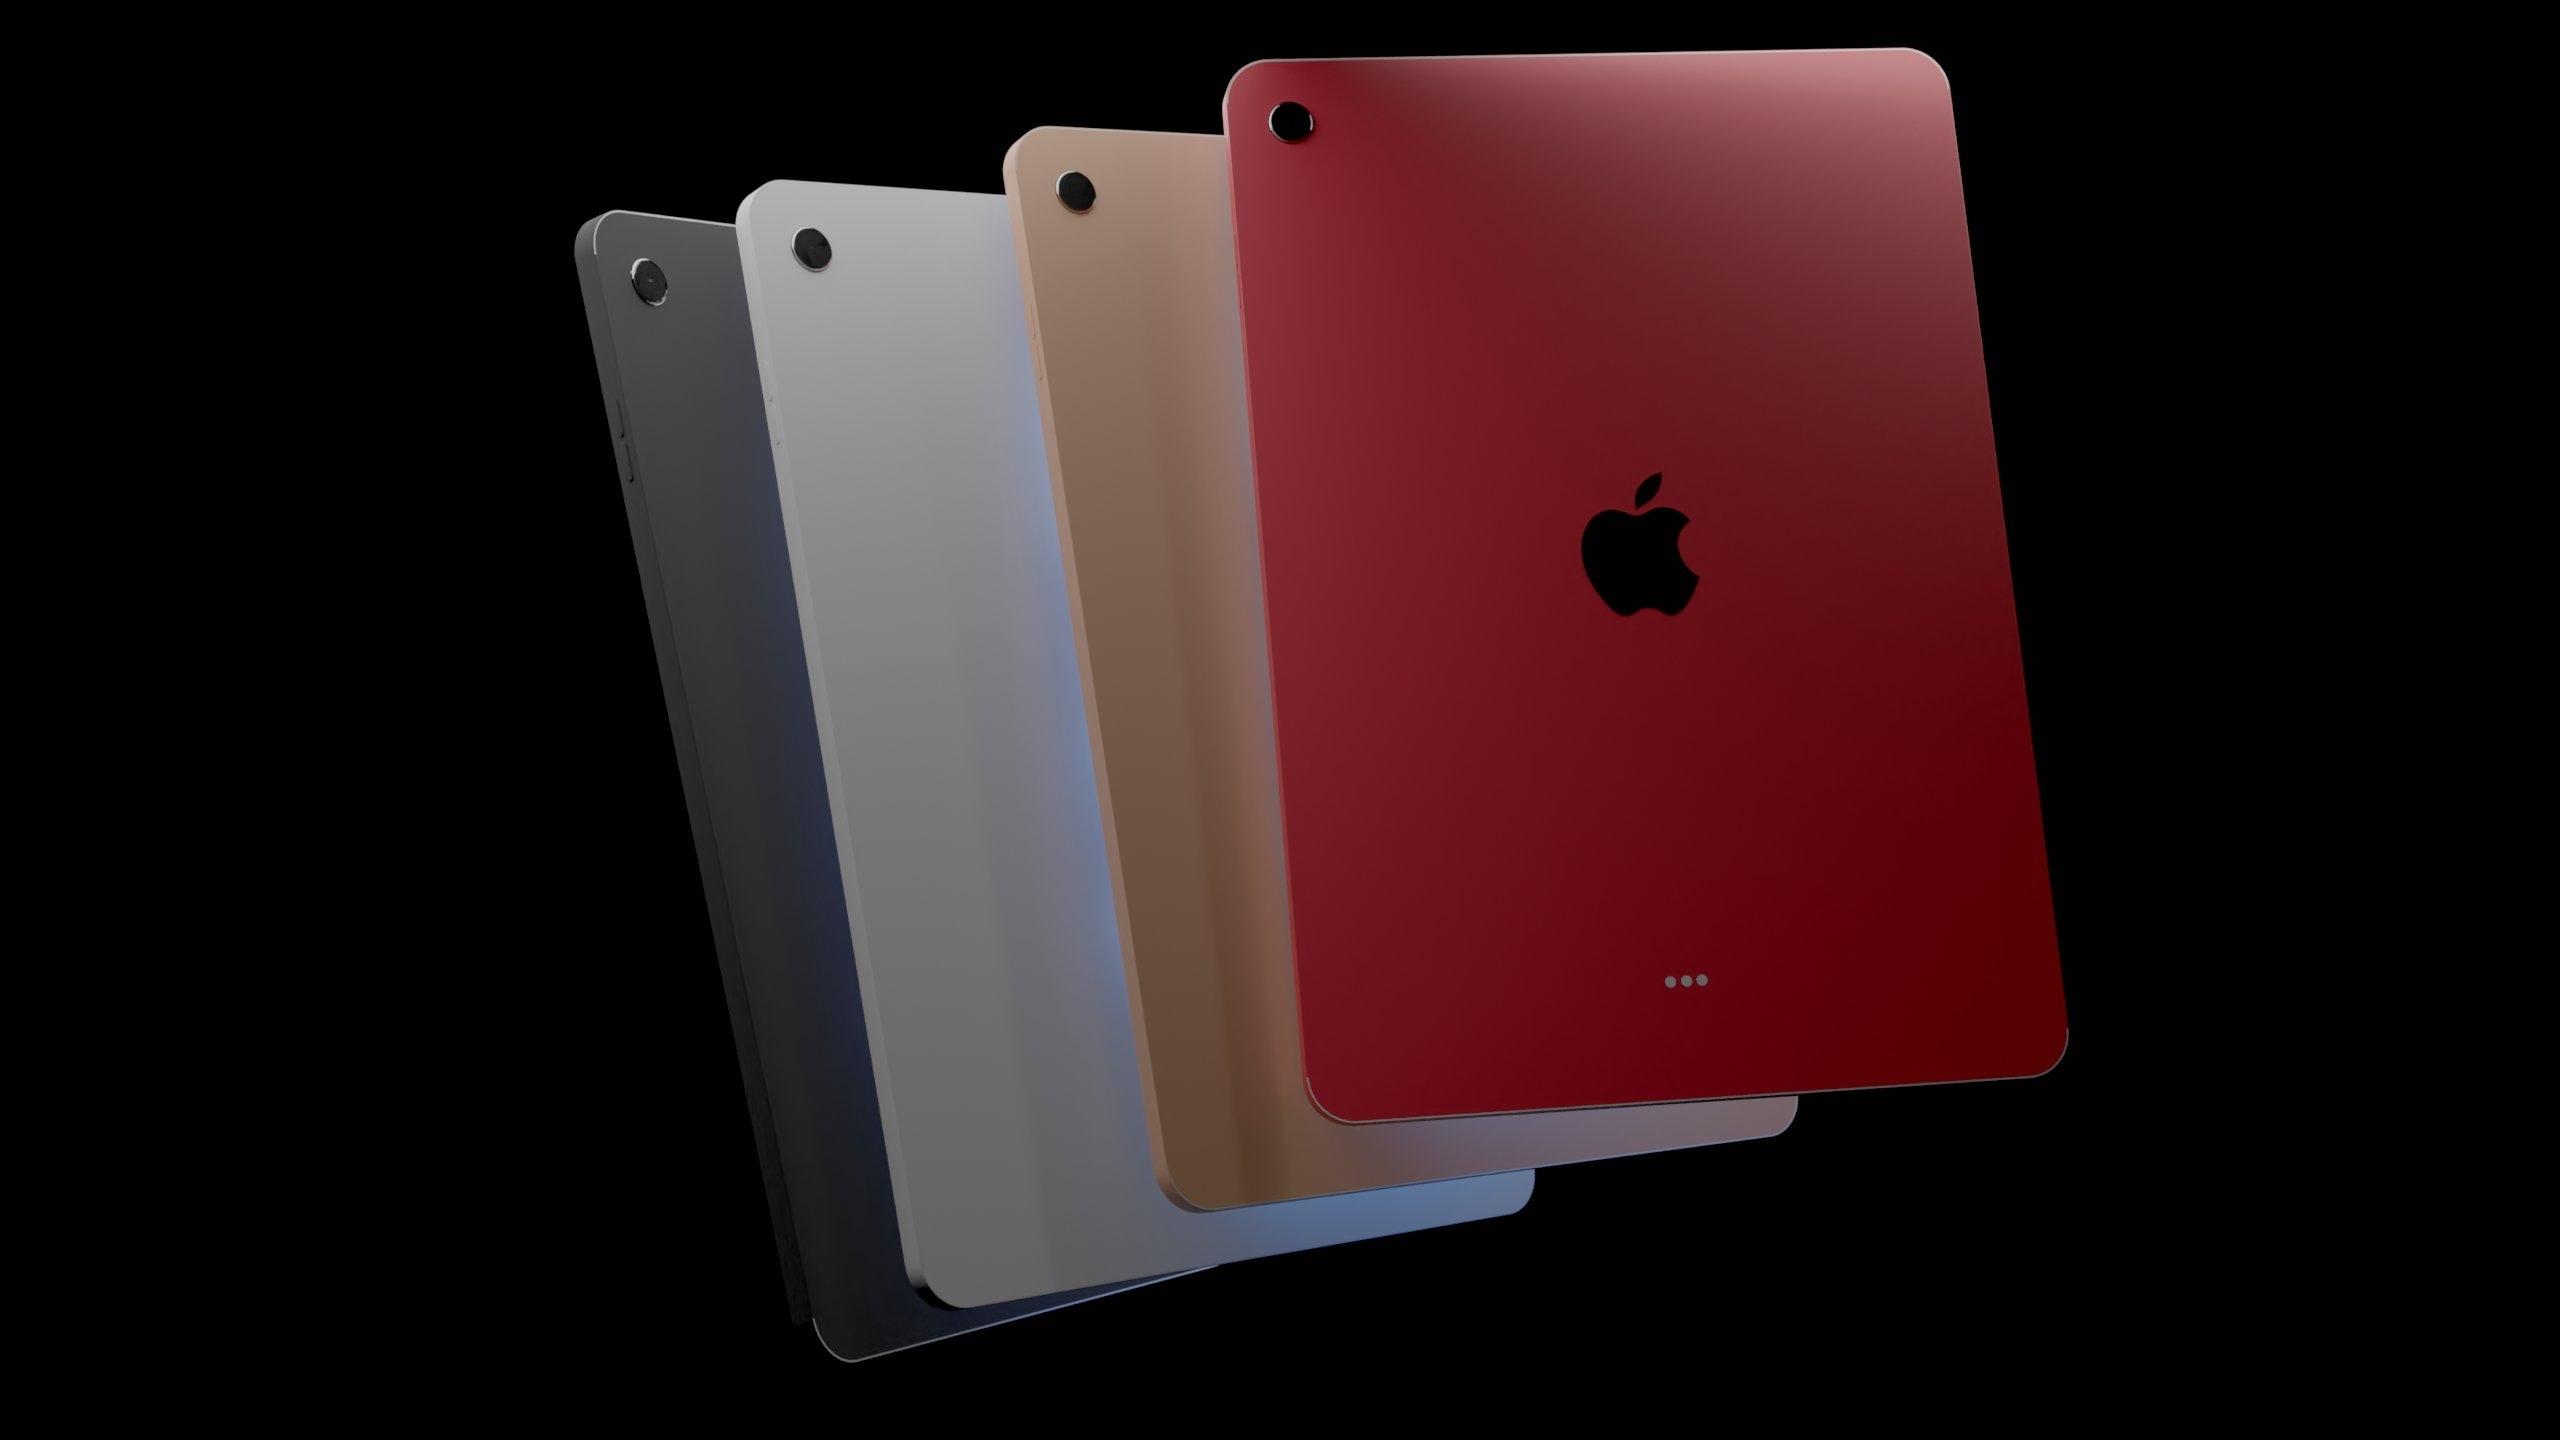 iPad mini 6外形、配置曝光:8.3寸全面屏+侧指纹、5.9mm超薄的照片 - 2